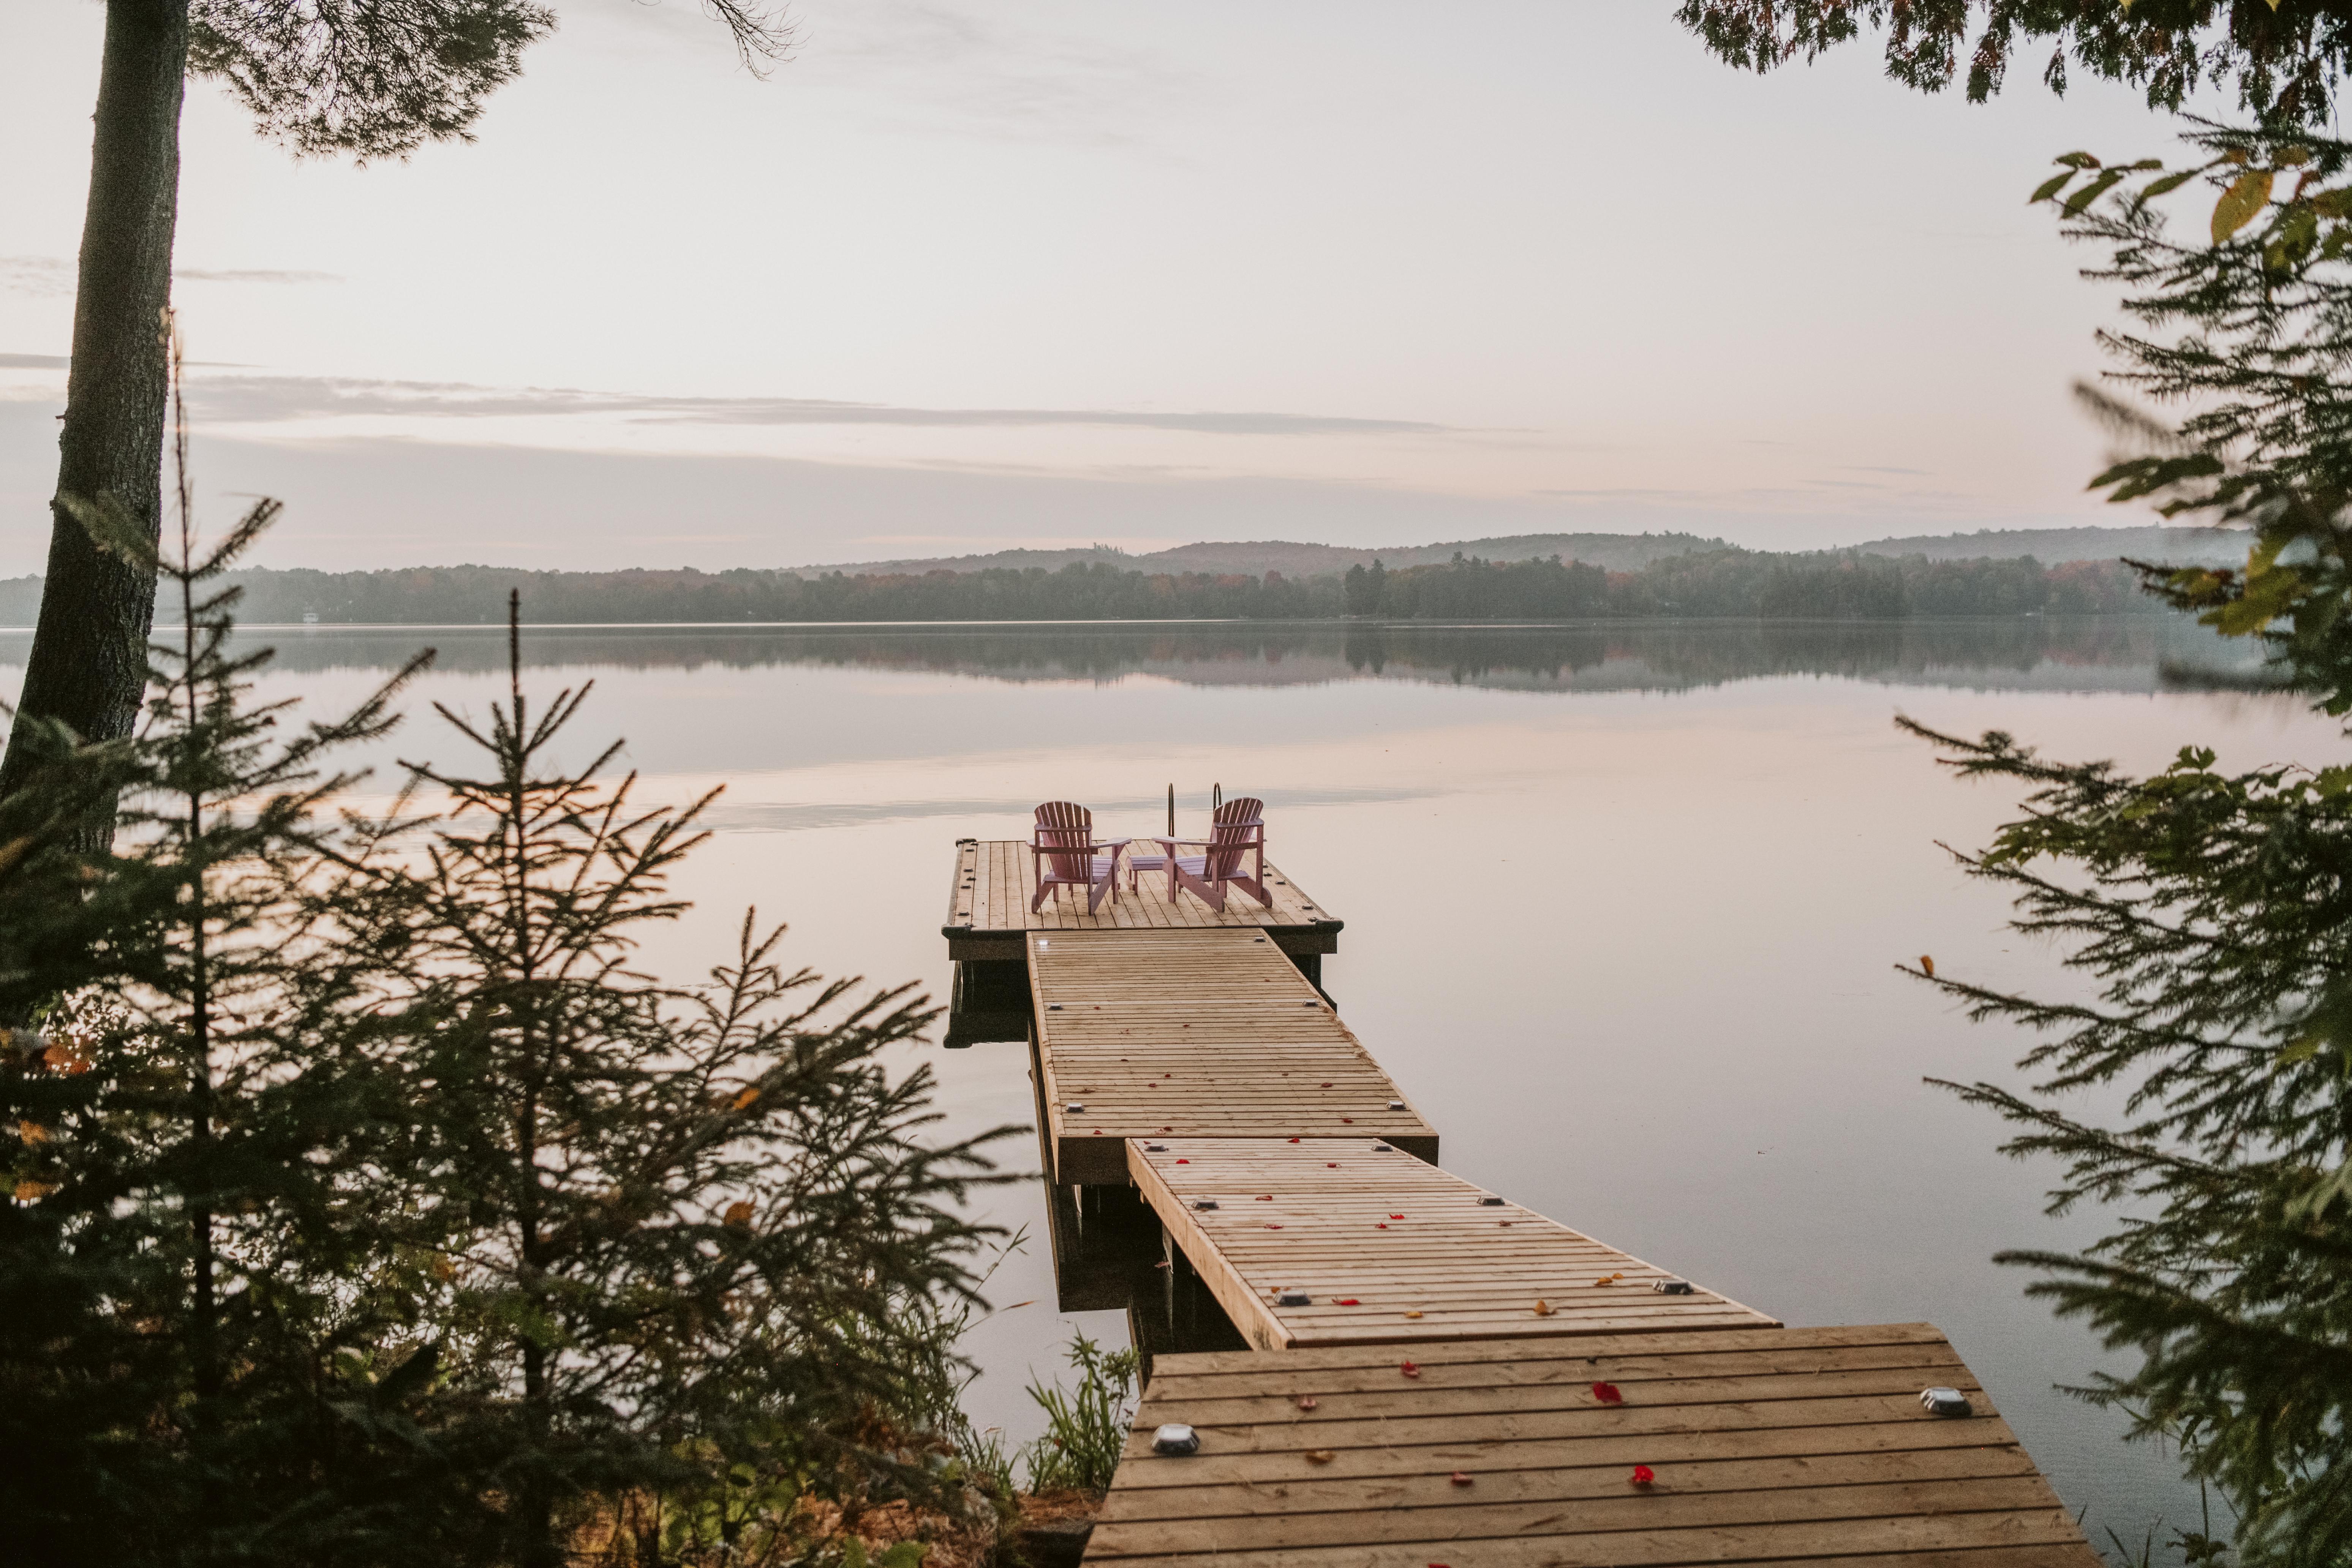 Kabin Paudash Lake